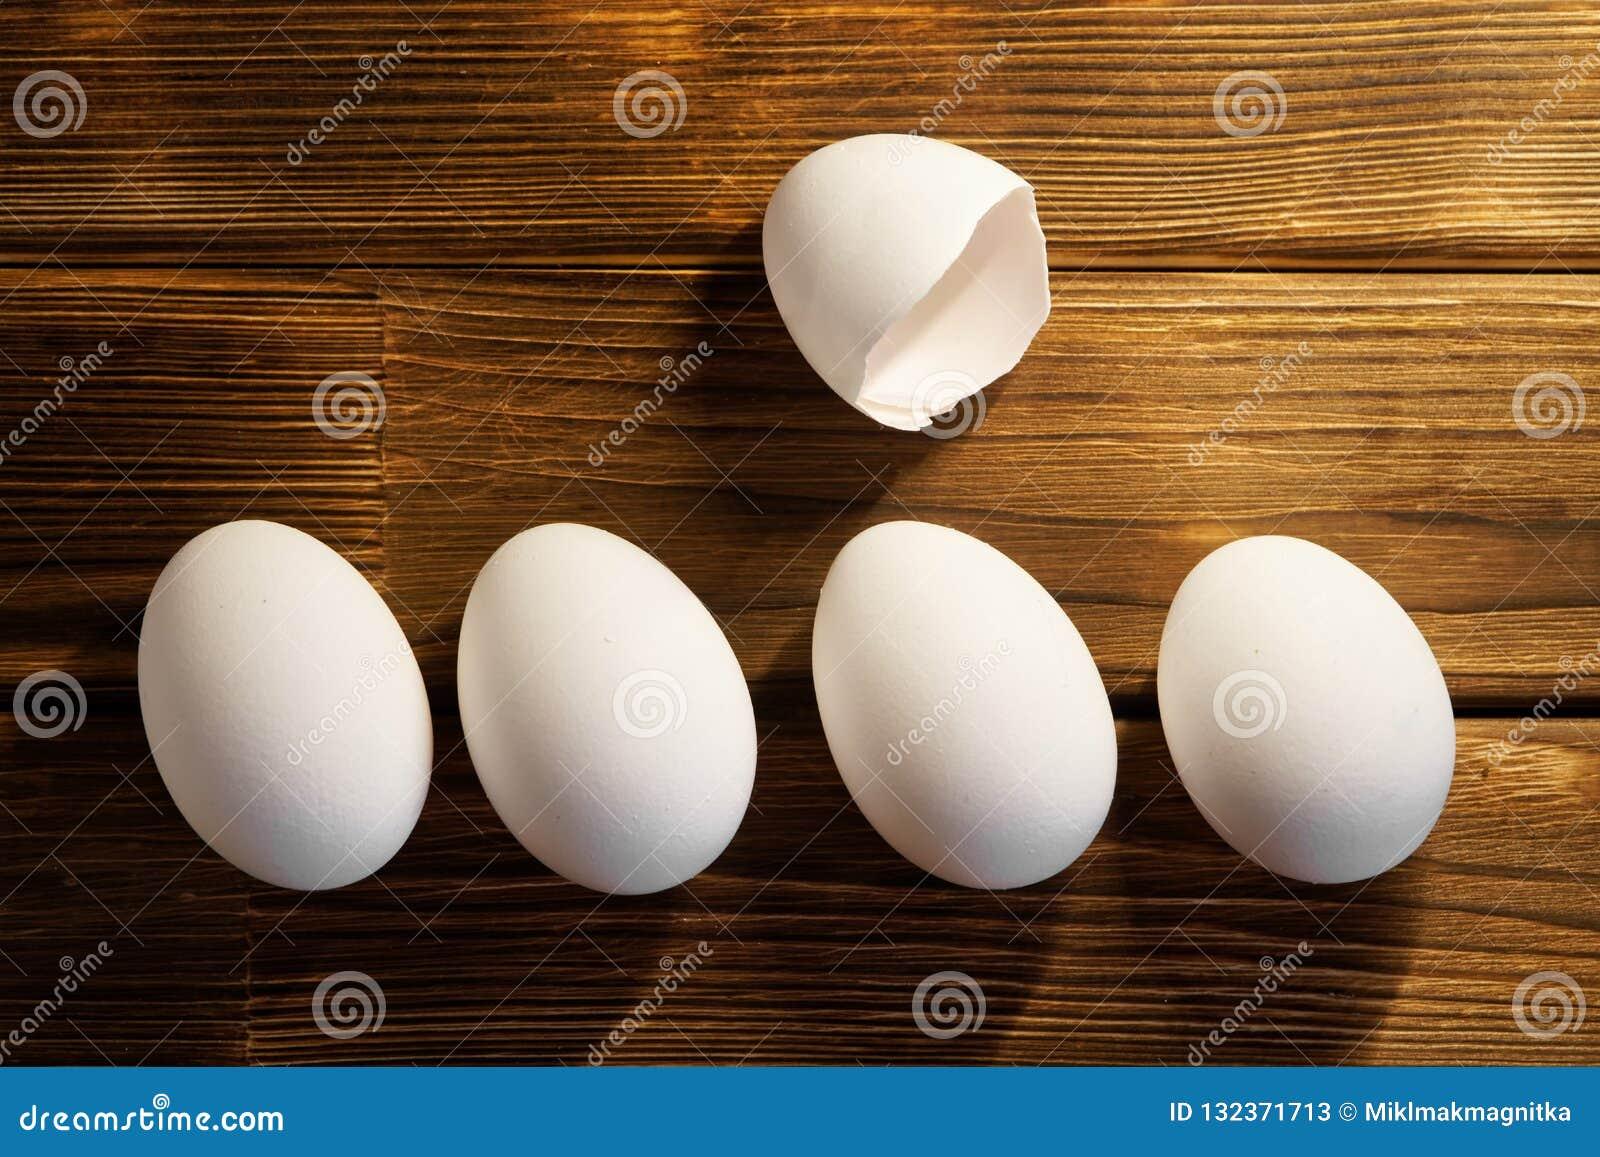 Ovos brancos da galinha em uma tabela de madeira naughty